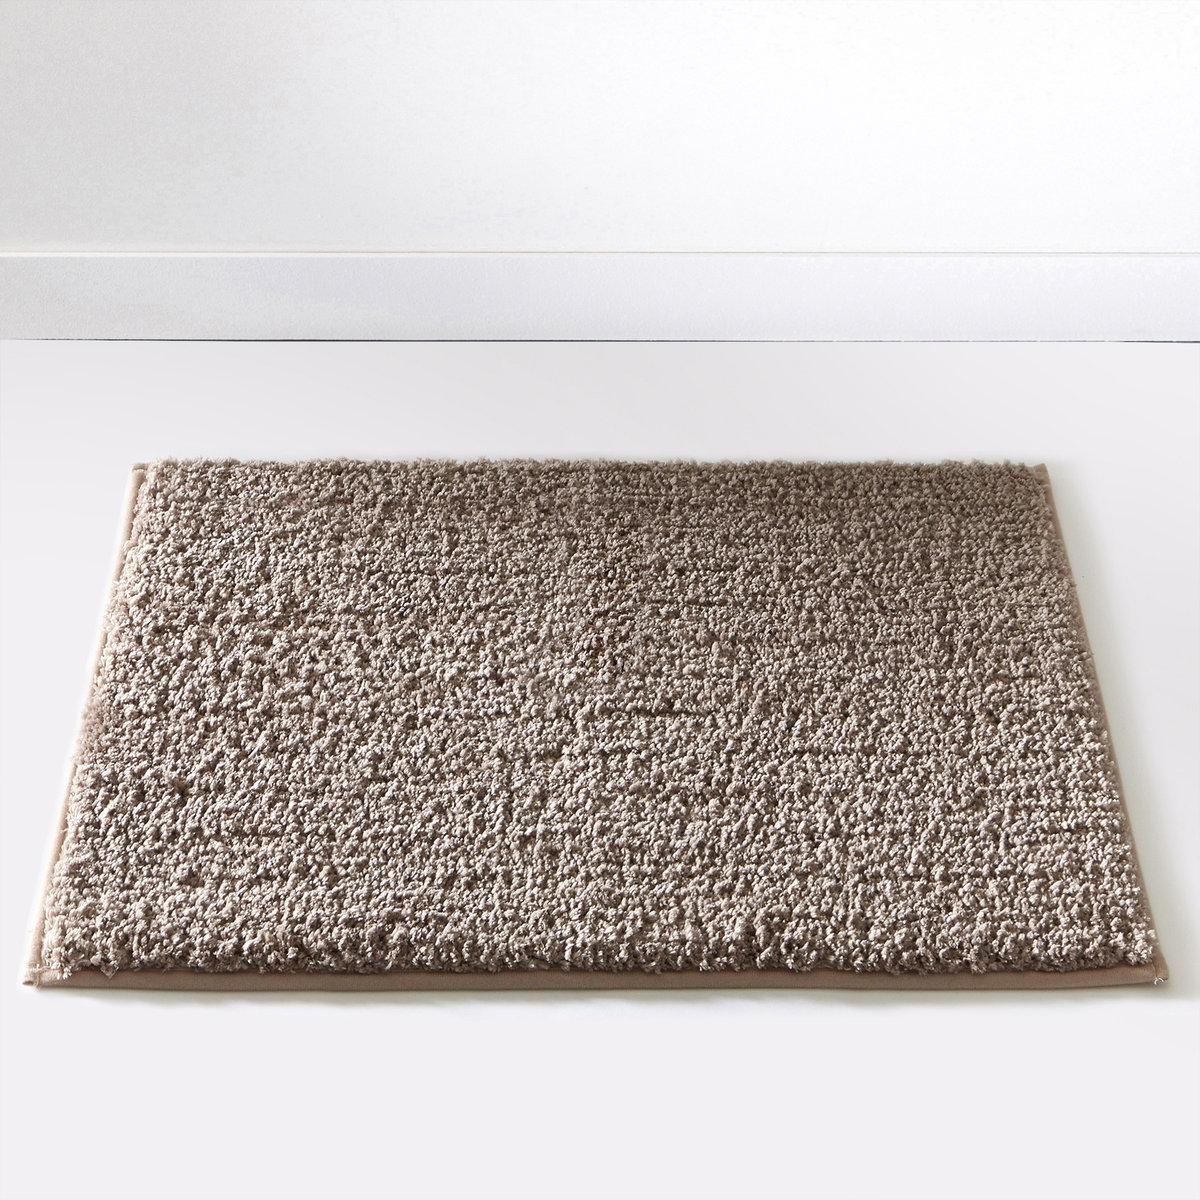 Коврик для ванной SCENARIOОчень удобный толстый коврик для использования рядом с душем или ванной, великолепное качество от Sc?nario, - это гарантия удовольствия, которое останется с вами надолго.Состав коврика для ванной Scenario:Пушистая одноцветная микрофибра, 1500 г/м2.100% полиэстера.Есть версия в форме под раковину 40х50 см и прямоугольной формы 50x70 см и 60x100 см. 7 цветов: бежевый / белый / голубой / темно-серый / черный / зеленый анисовый / фиолетовый сливовый.<br><br>Цвет: серо-бежевый,фиолетовый/ сливовый,черный<br>Размер: 40x50 cm